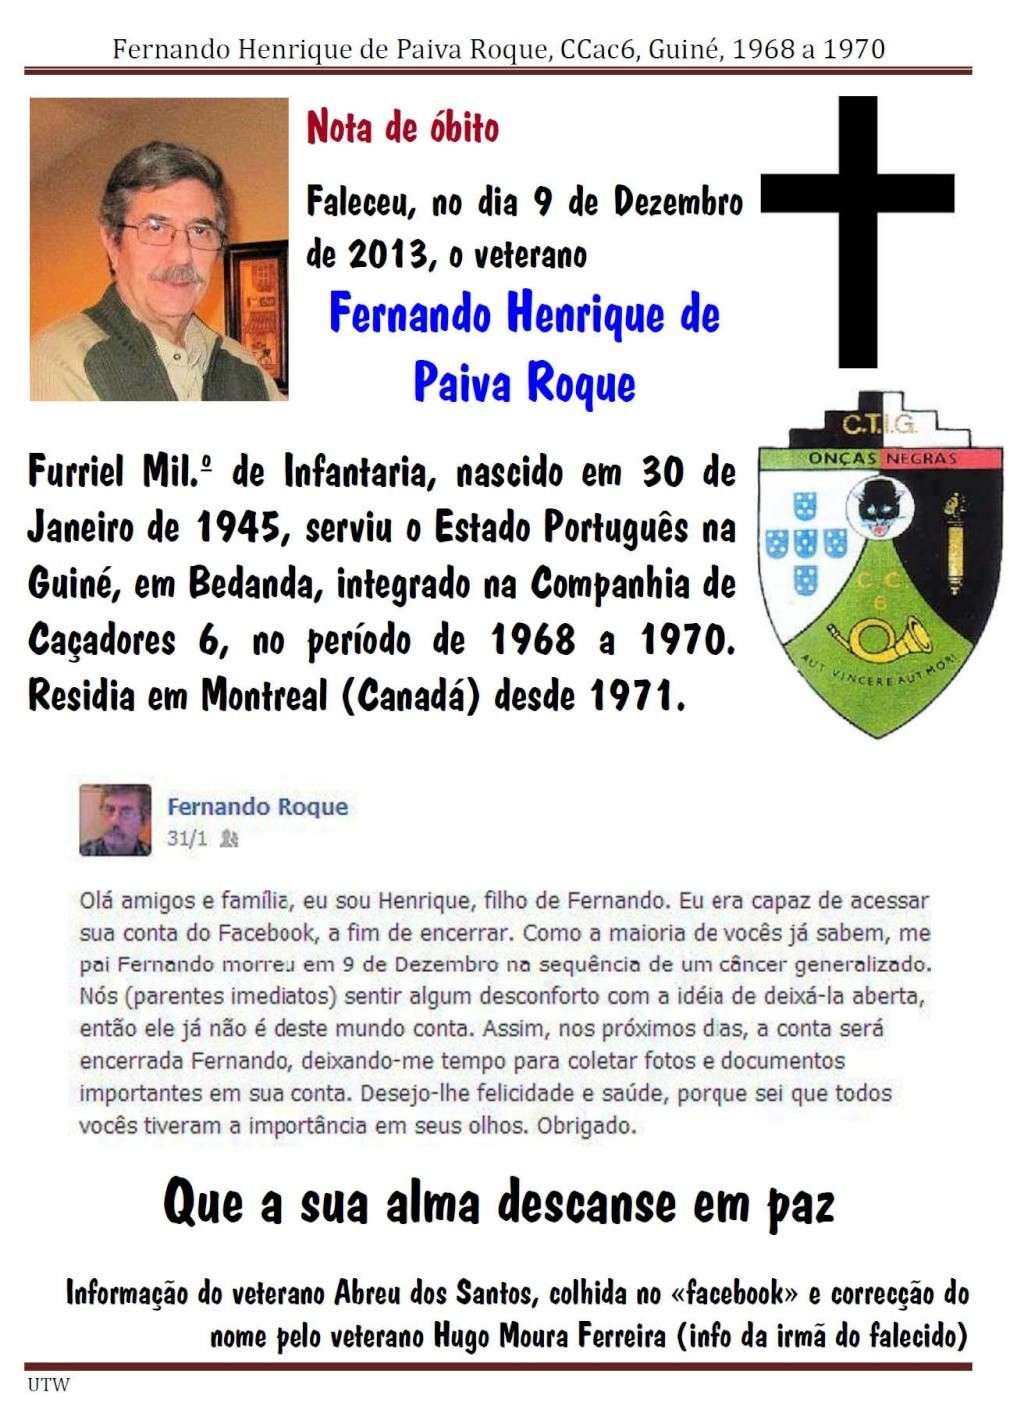 Faleceu o veterano Fernando Henrique de Paiva Roque, da CCac6 - 09Dez2013 Fernan11